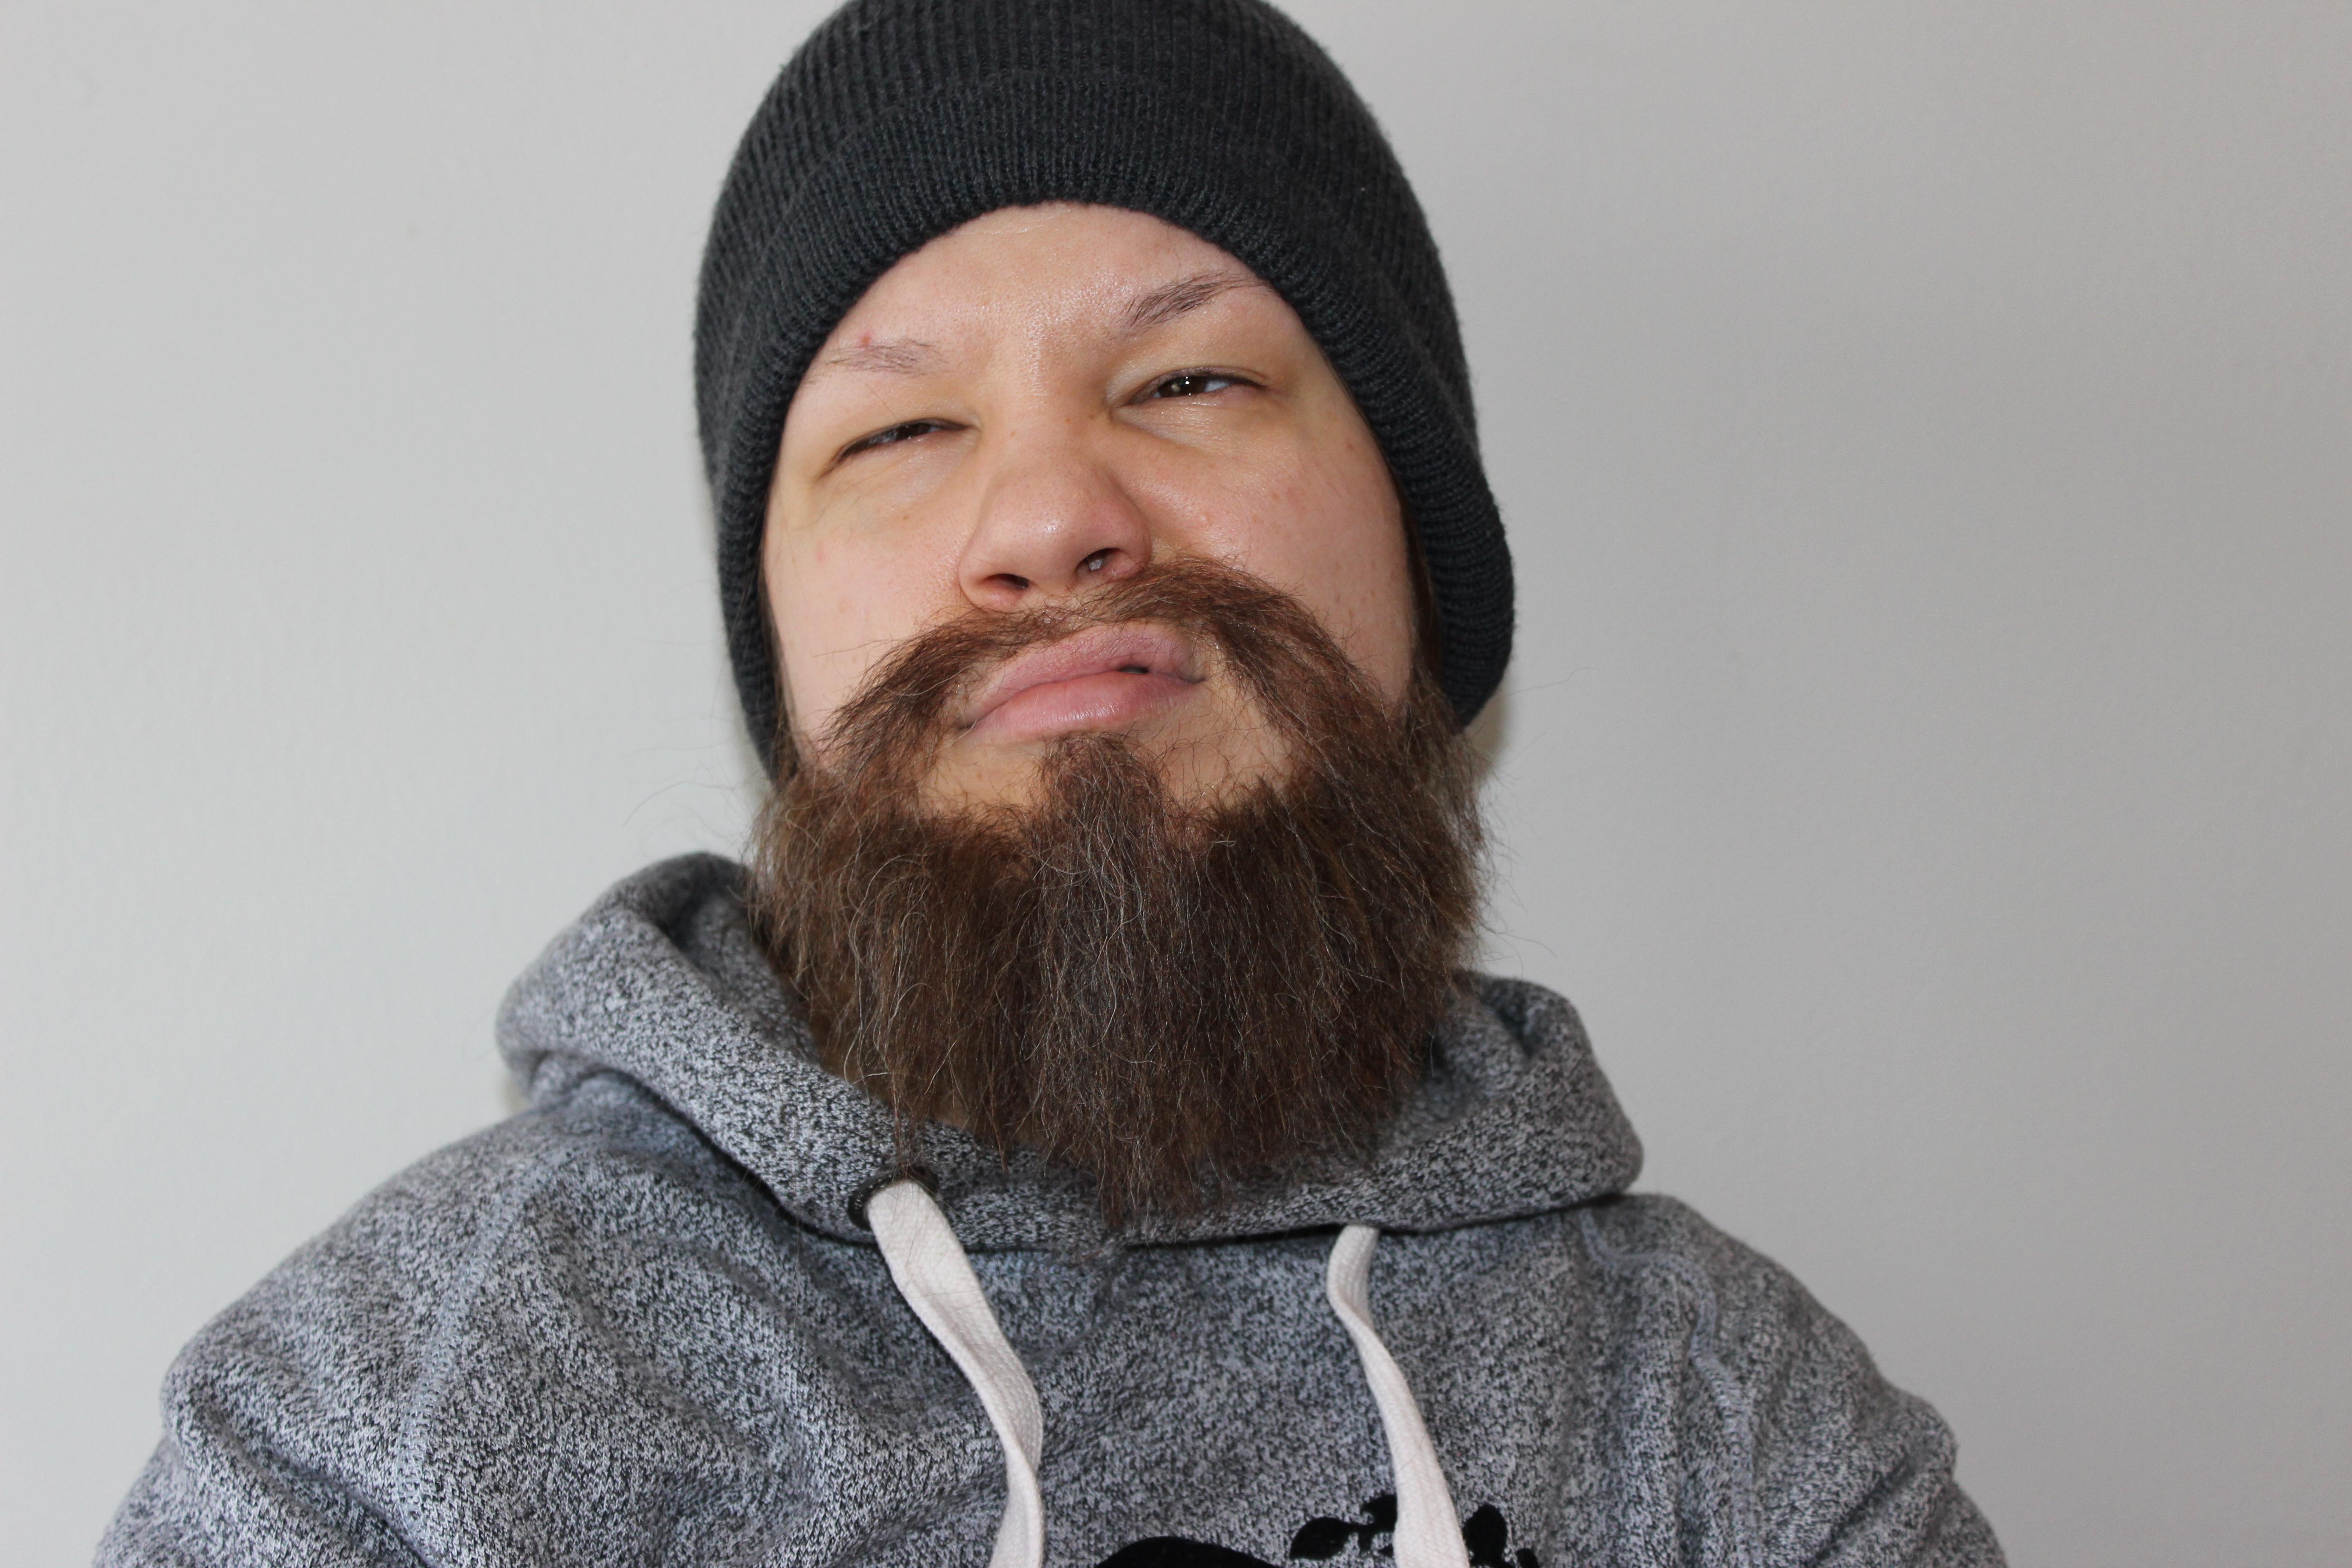 Hand-laid Beard